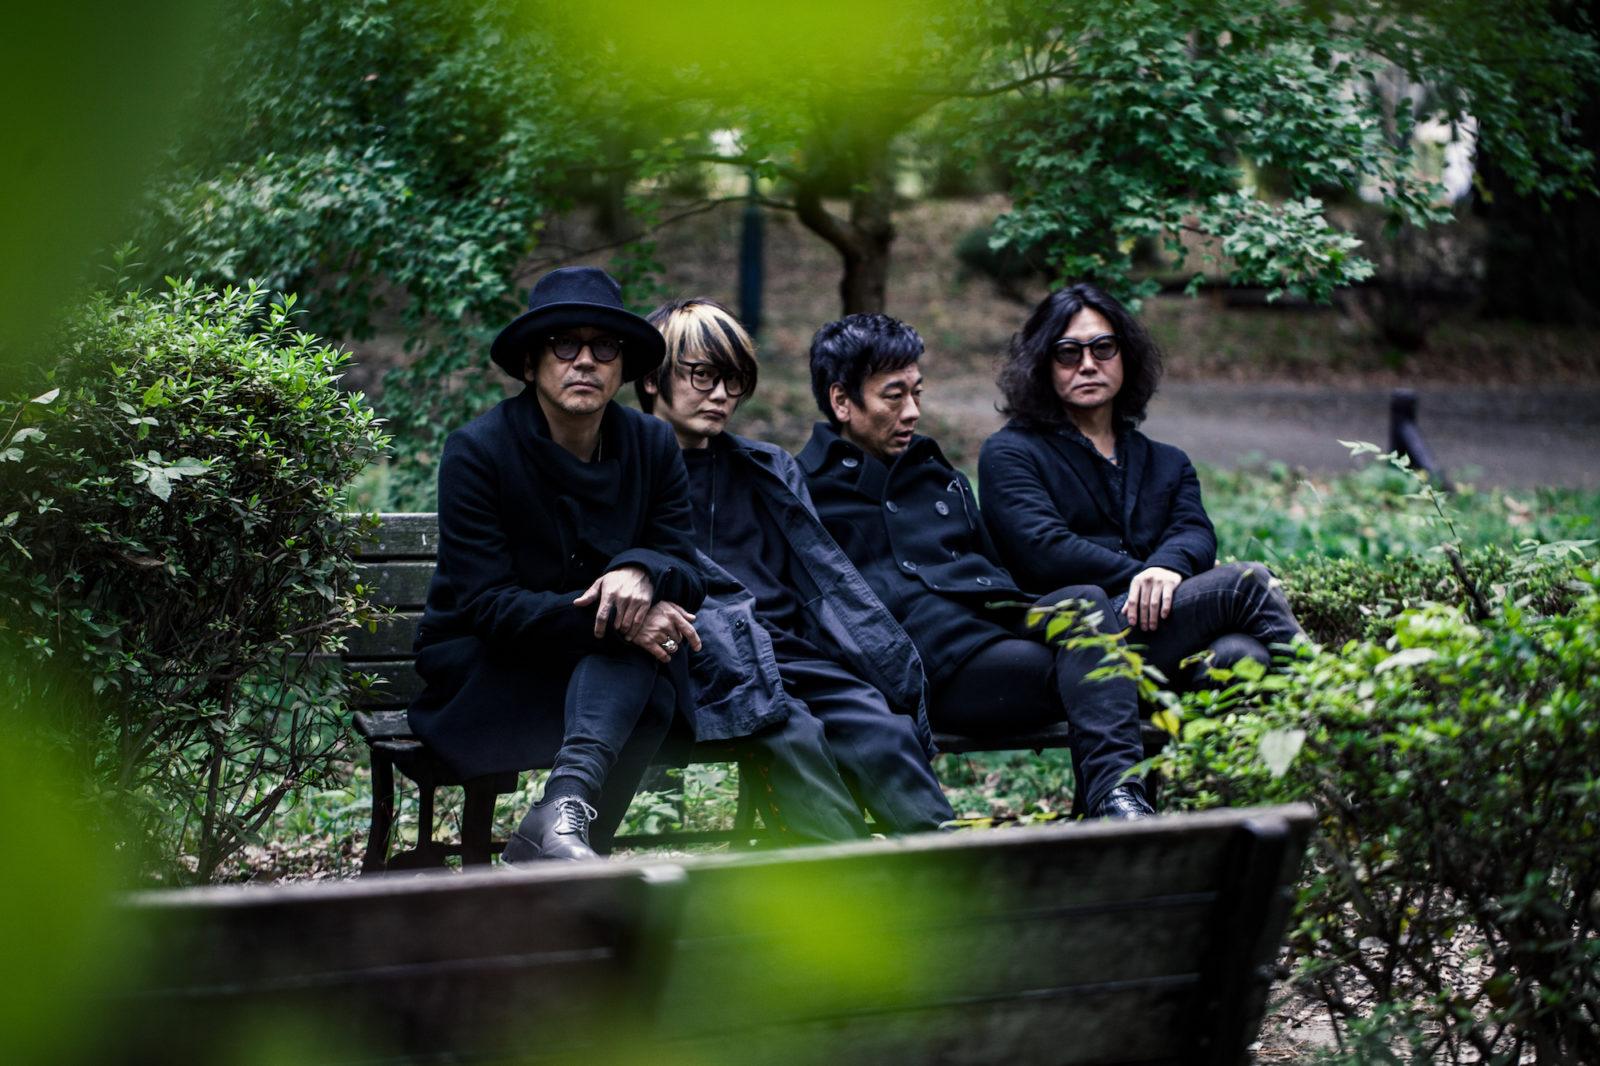 俳優''大森南朋''がリードボーカルを務めるロックバンド「月に吠える。」2018年ファーストライブ決定サムネイル画像